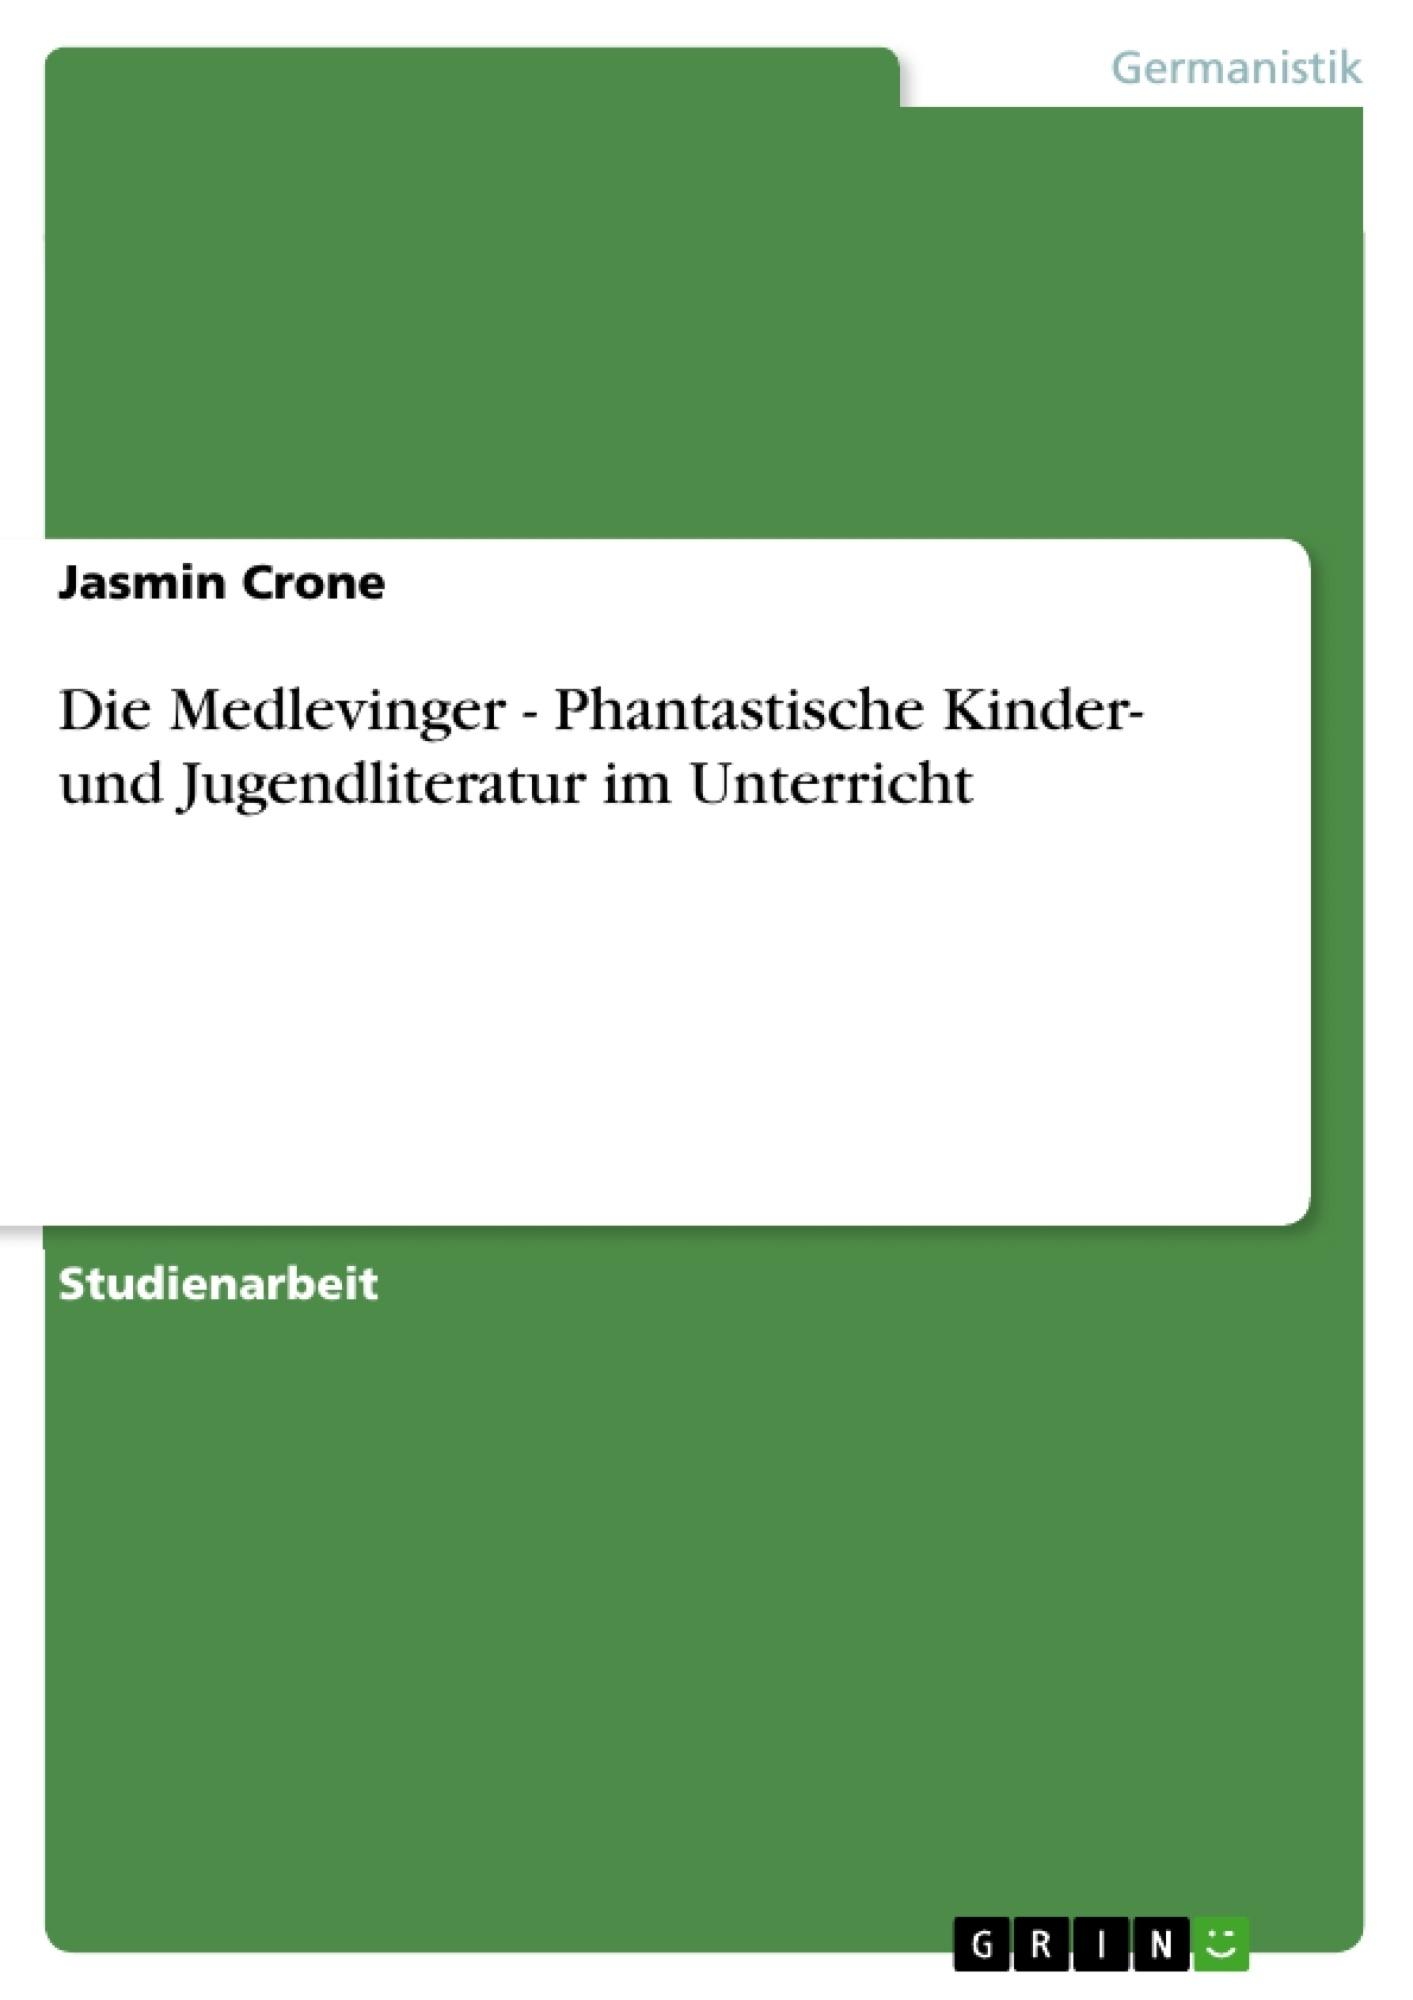 Titel: Die Medlevinger - Phantastische Kinder- und Jugendliteratur im Unterricht